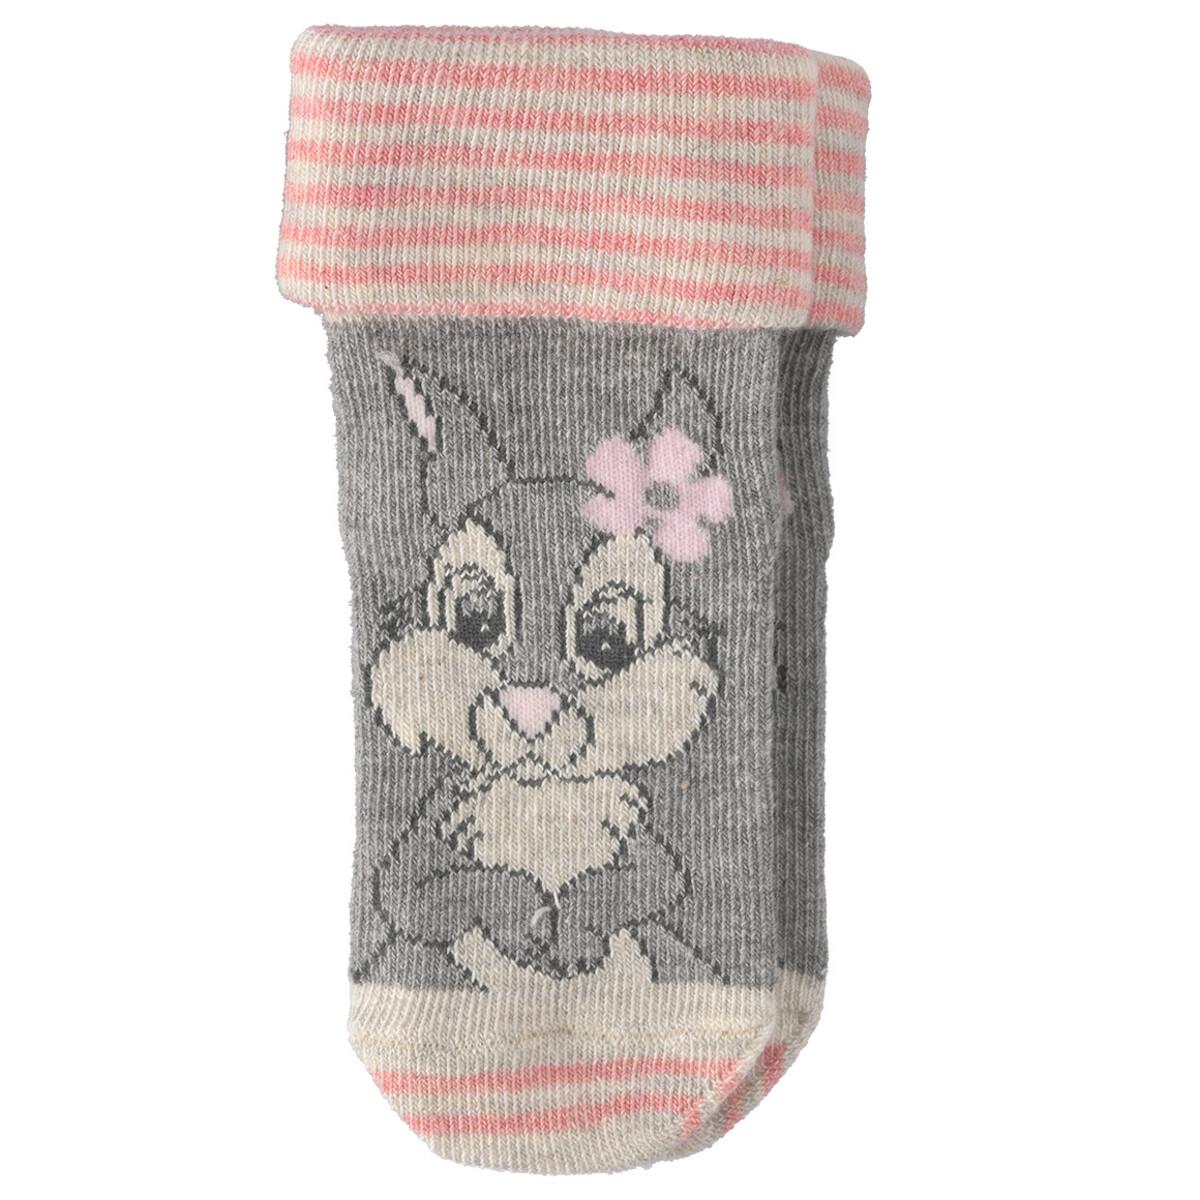 Bild 4 von 3 Paar Bambi Socken im Set